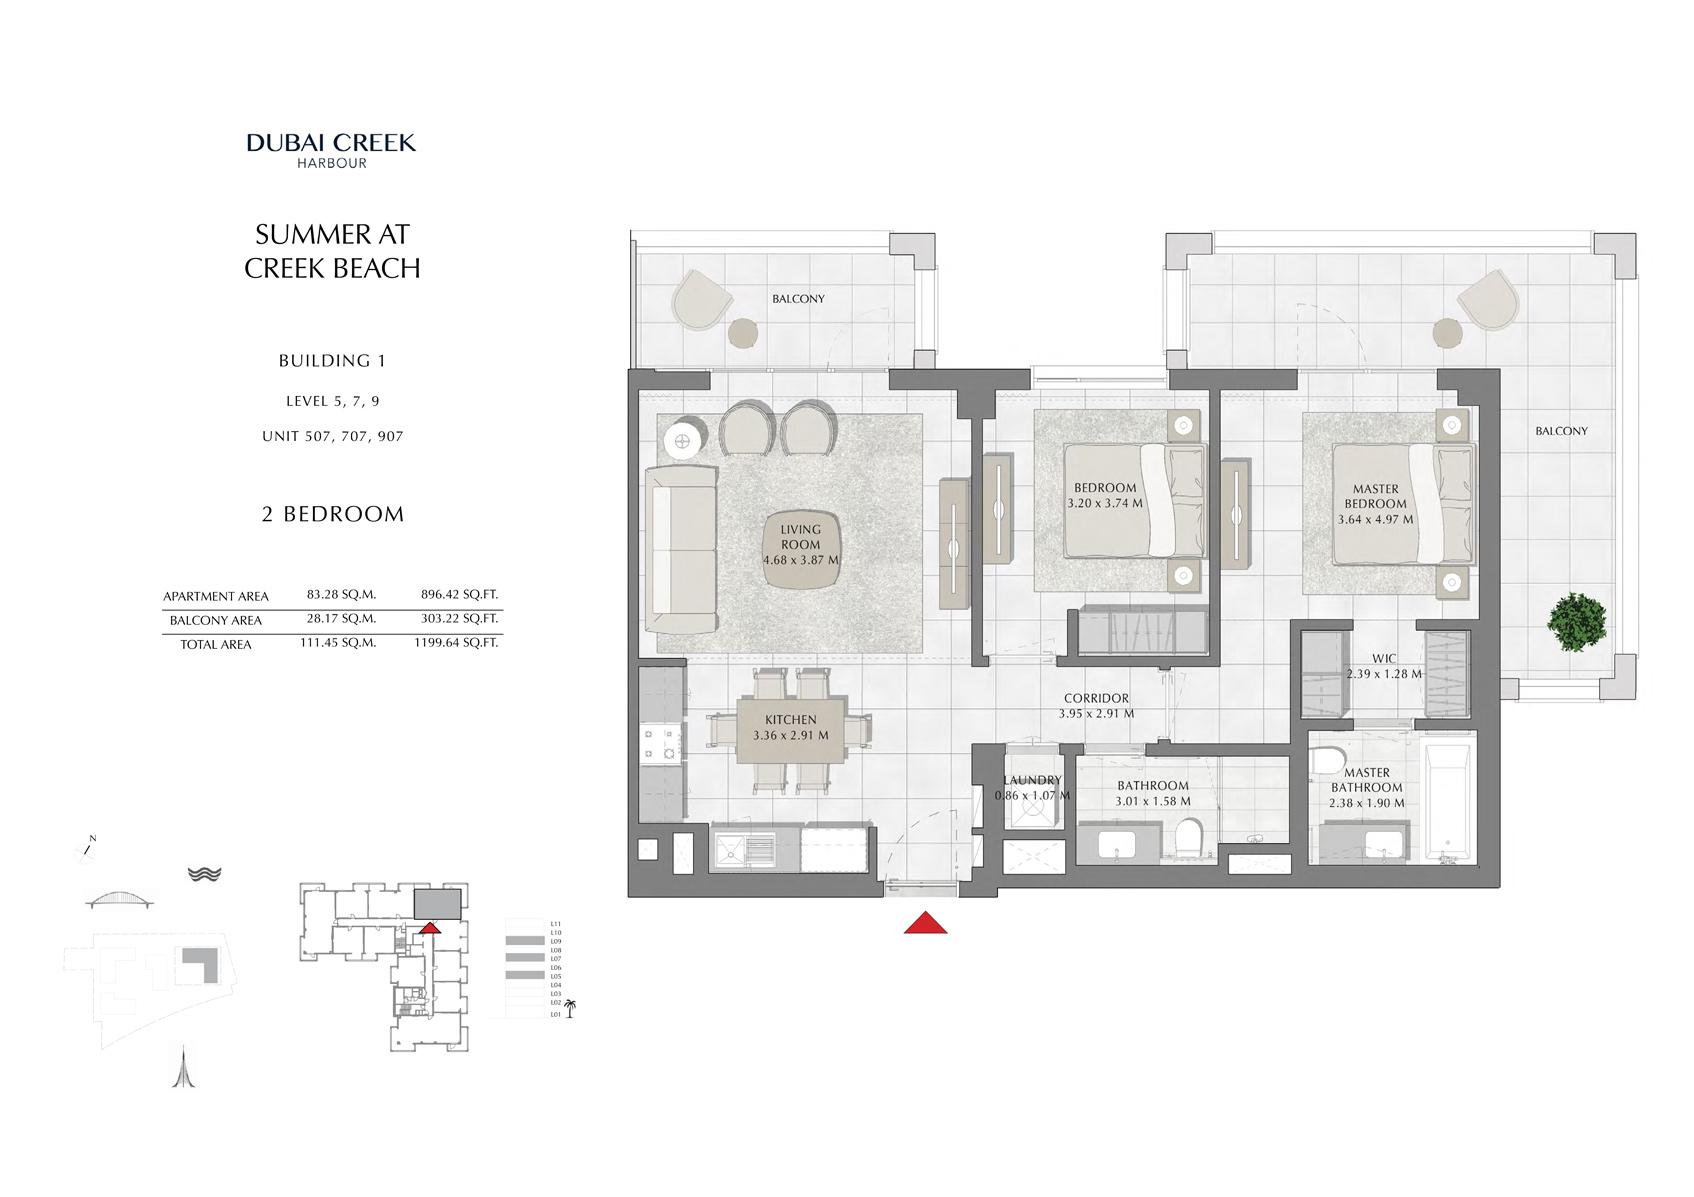 2 Br Building 1 Level-5-7-9 Unit 507-707-907, Size 1199 Sq Ft